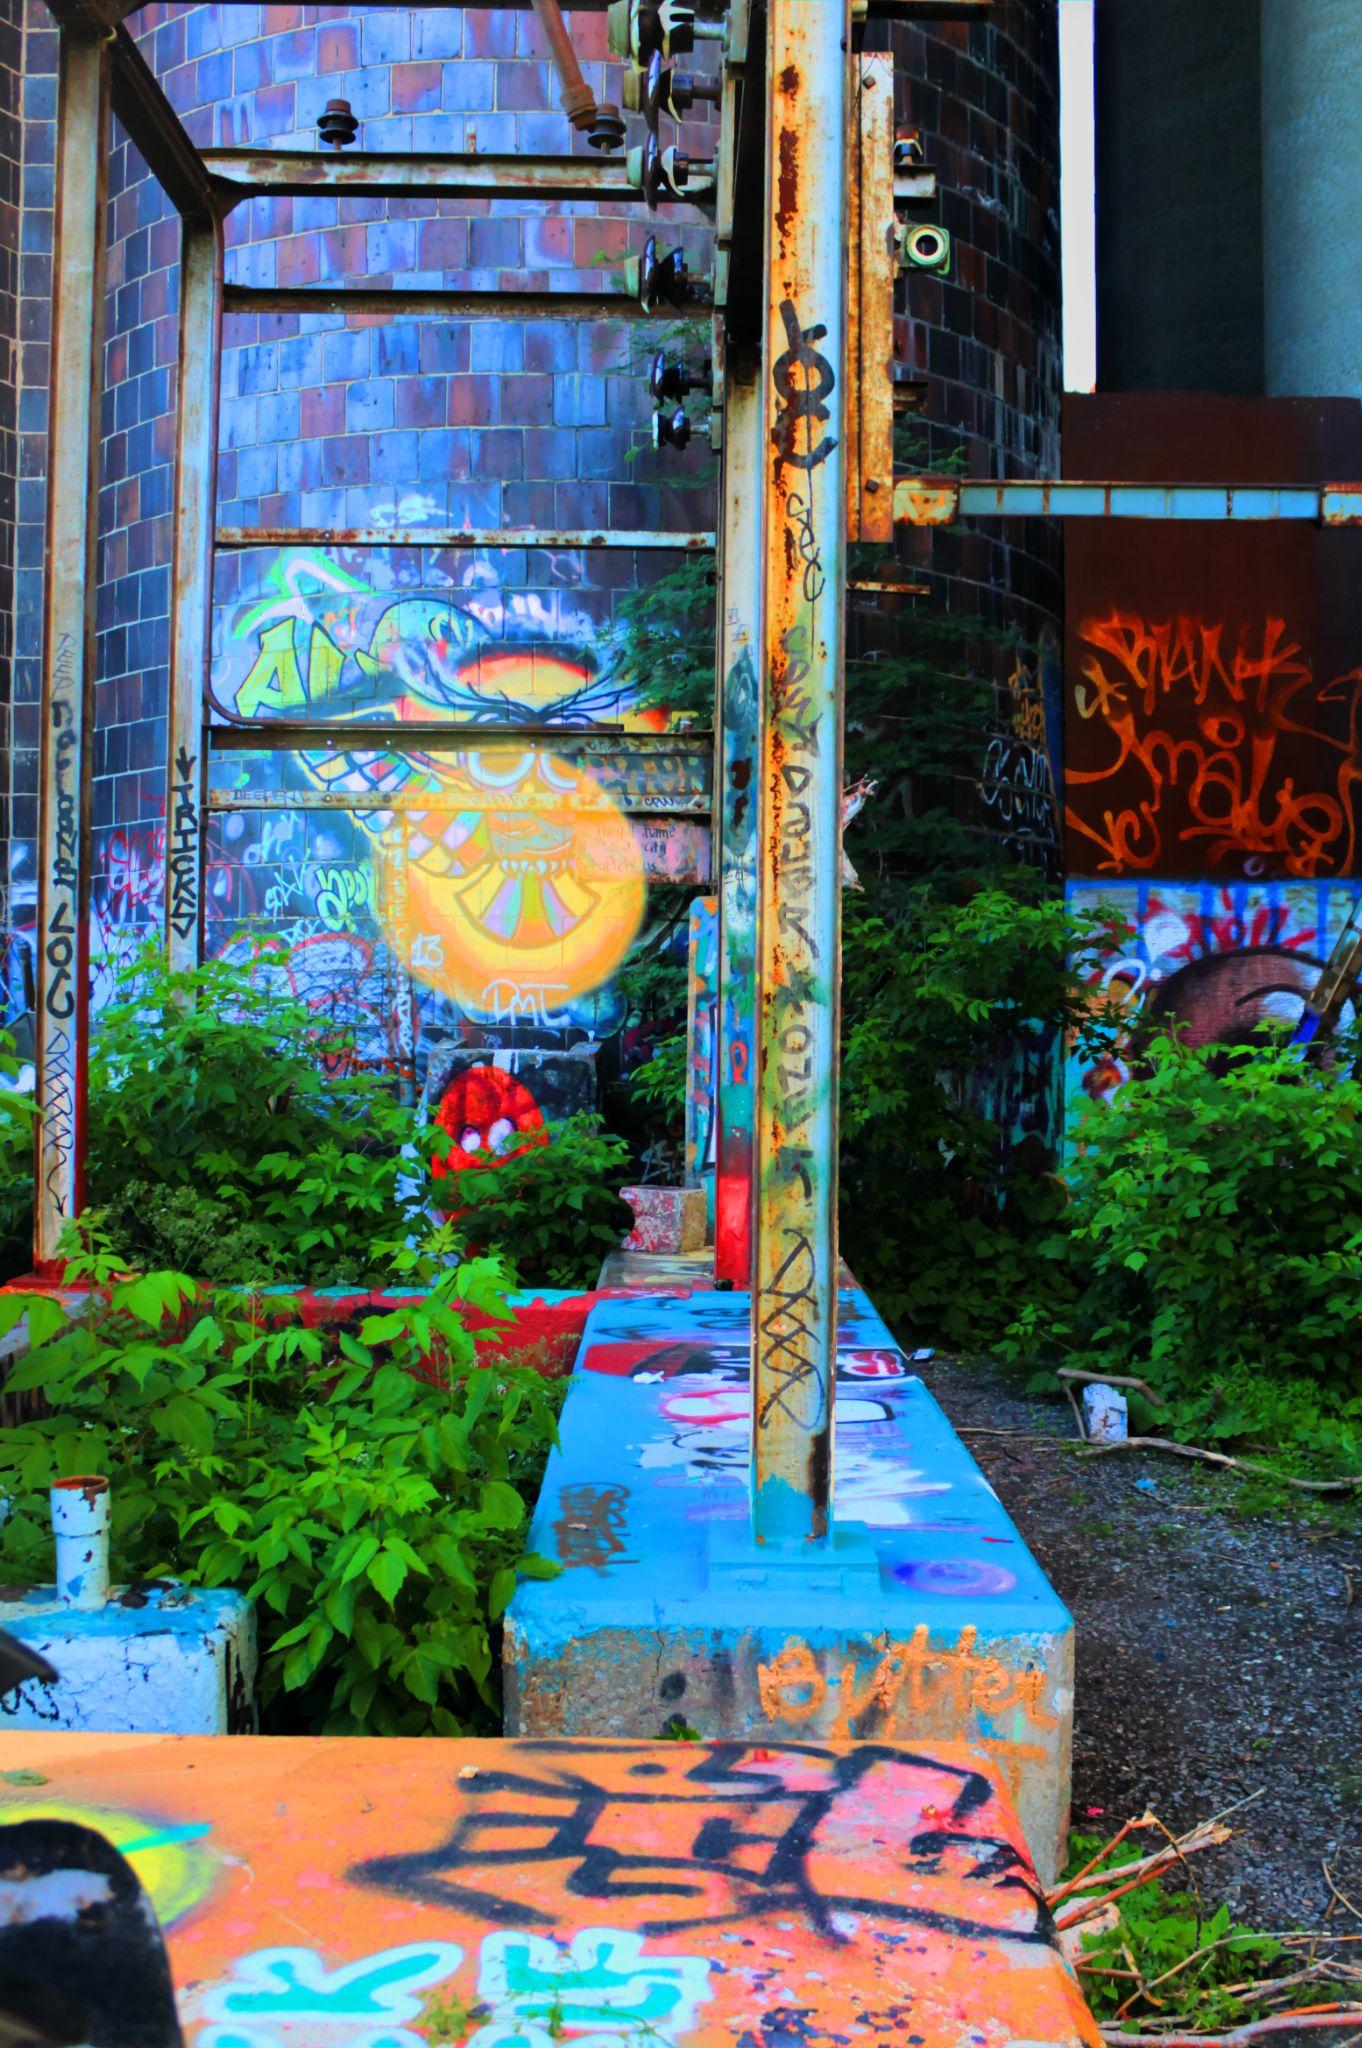 street art 2 by Yannick Champagne